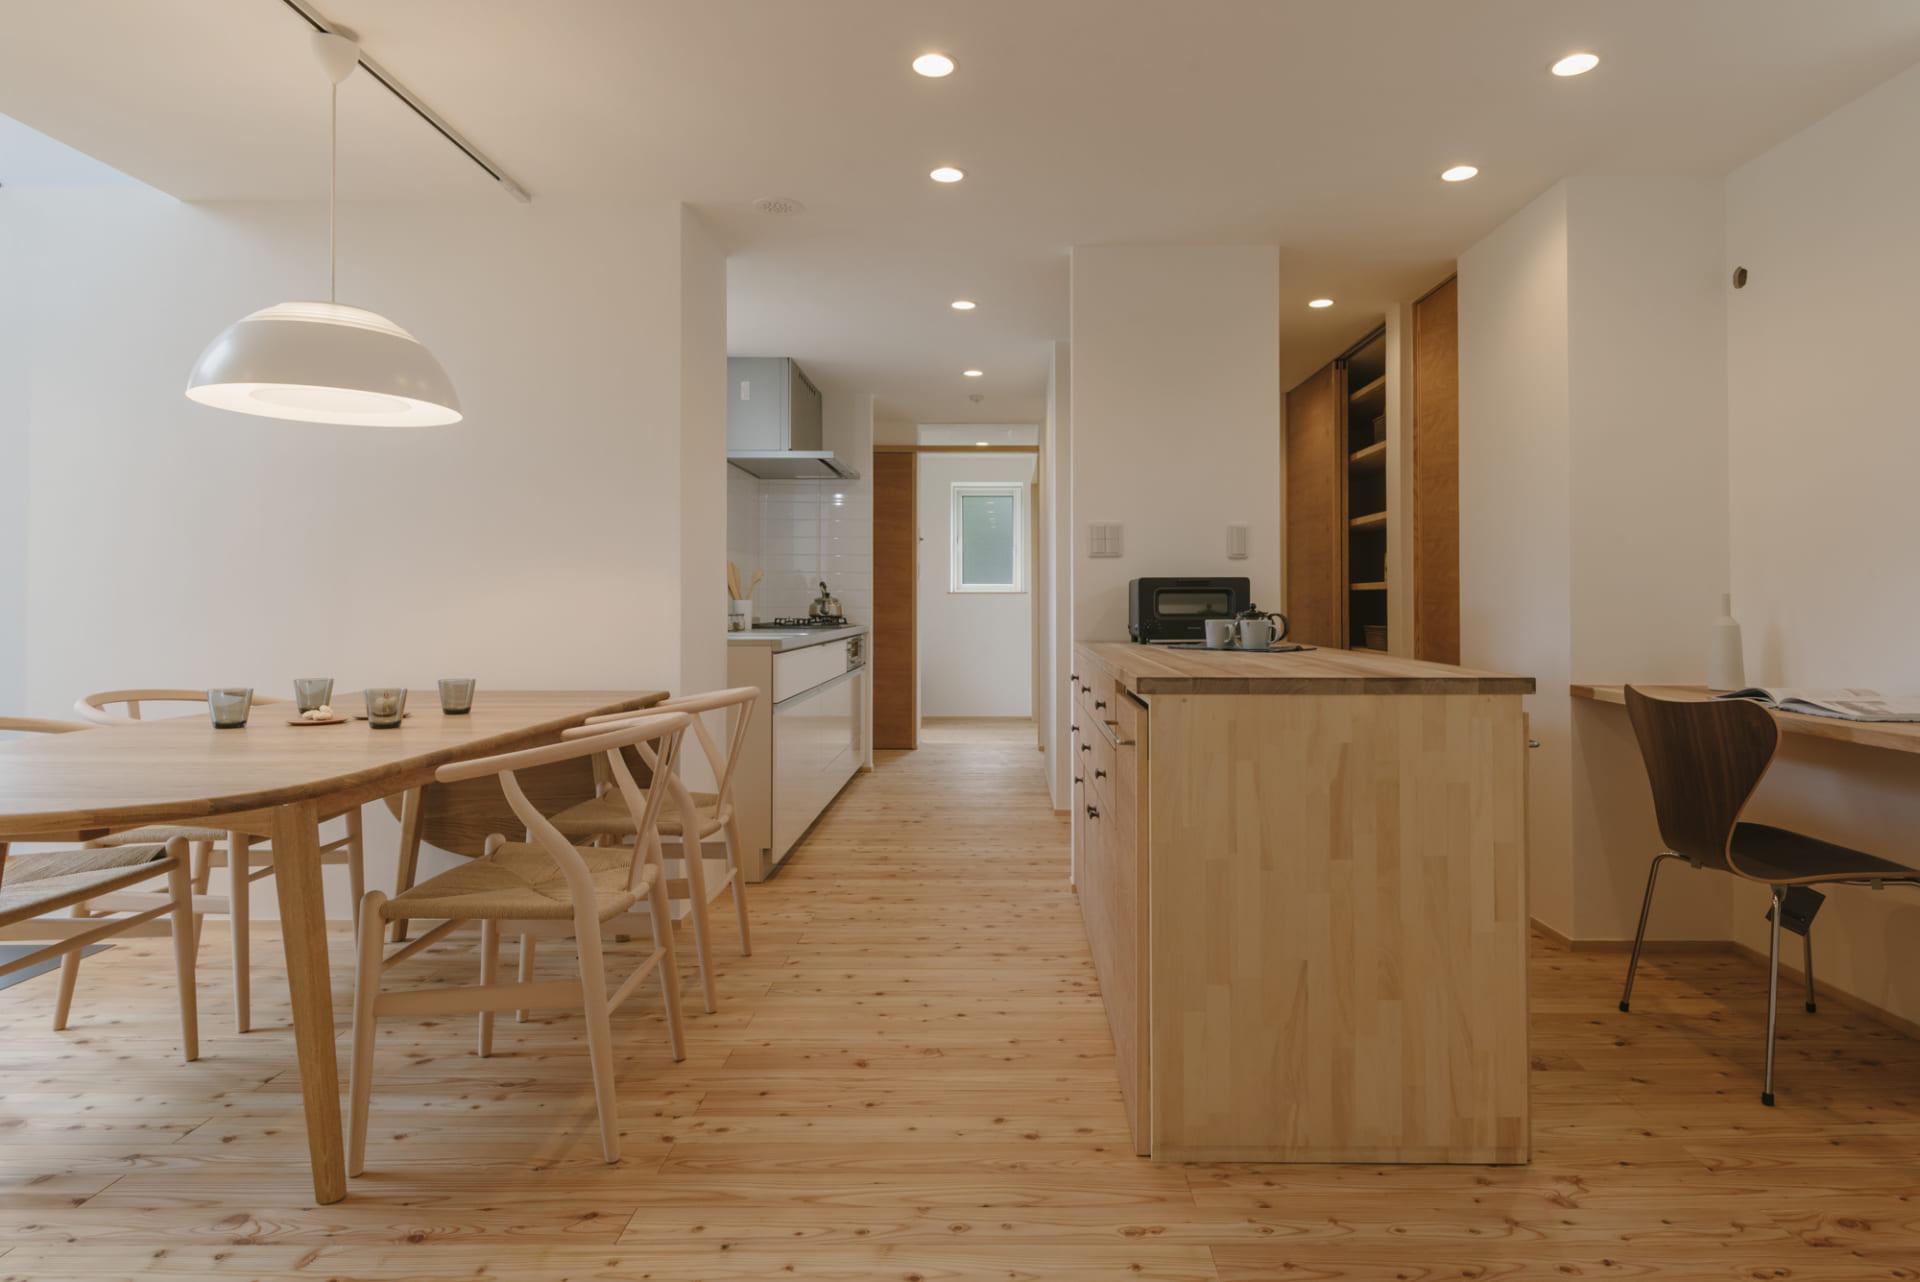 1.キッチンの近くにワークスペースがあると、時間を有効活用できる